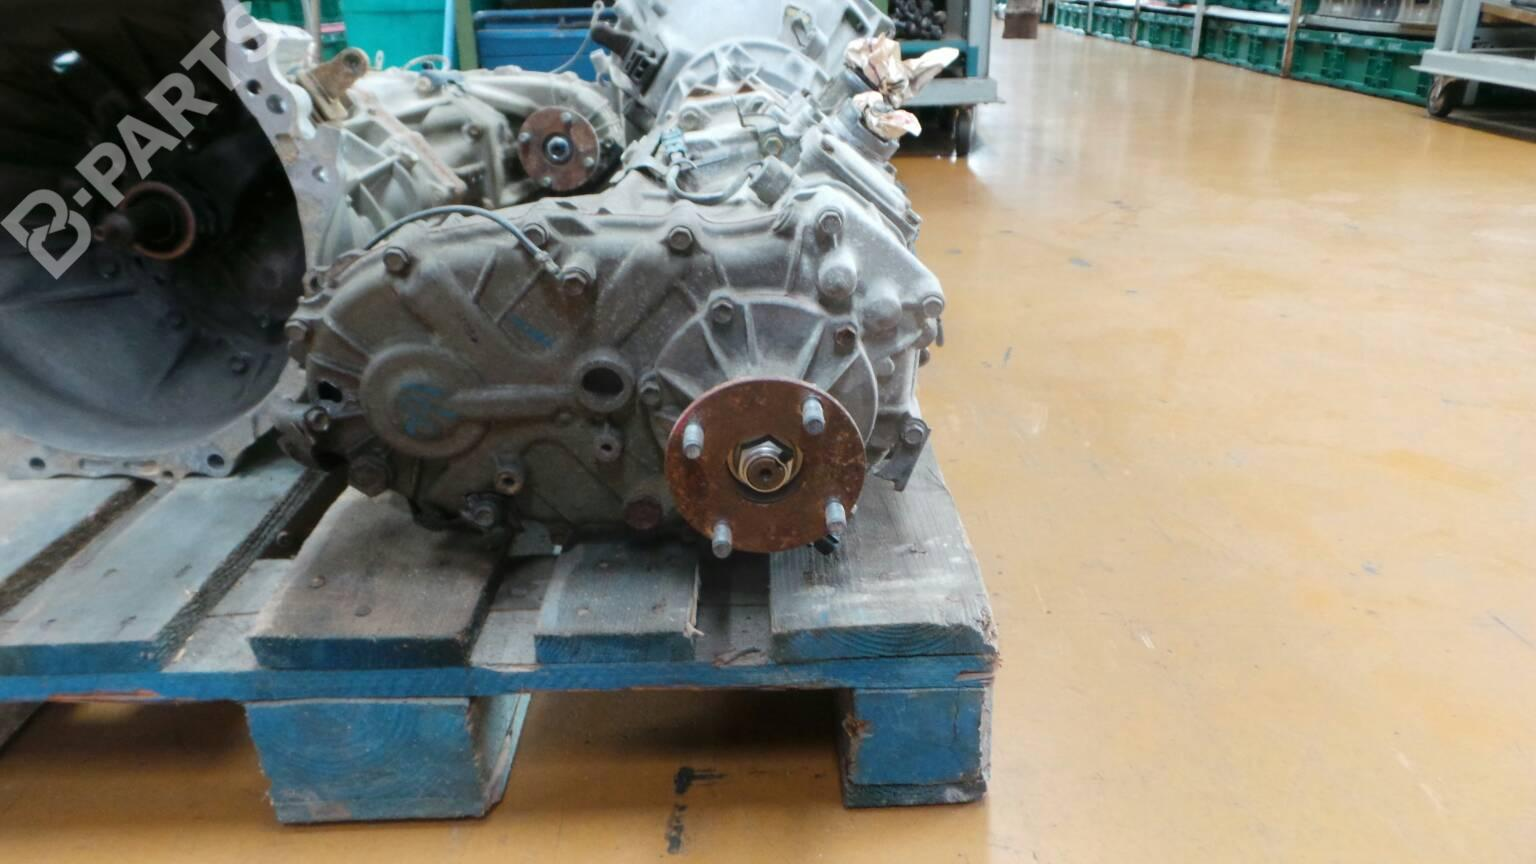 Manual Gearbox Toyota Hilux Vii Pickup N1 N2 N3 25 D 4d 2kd Alternator Wiring Diagram 0601a1